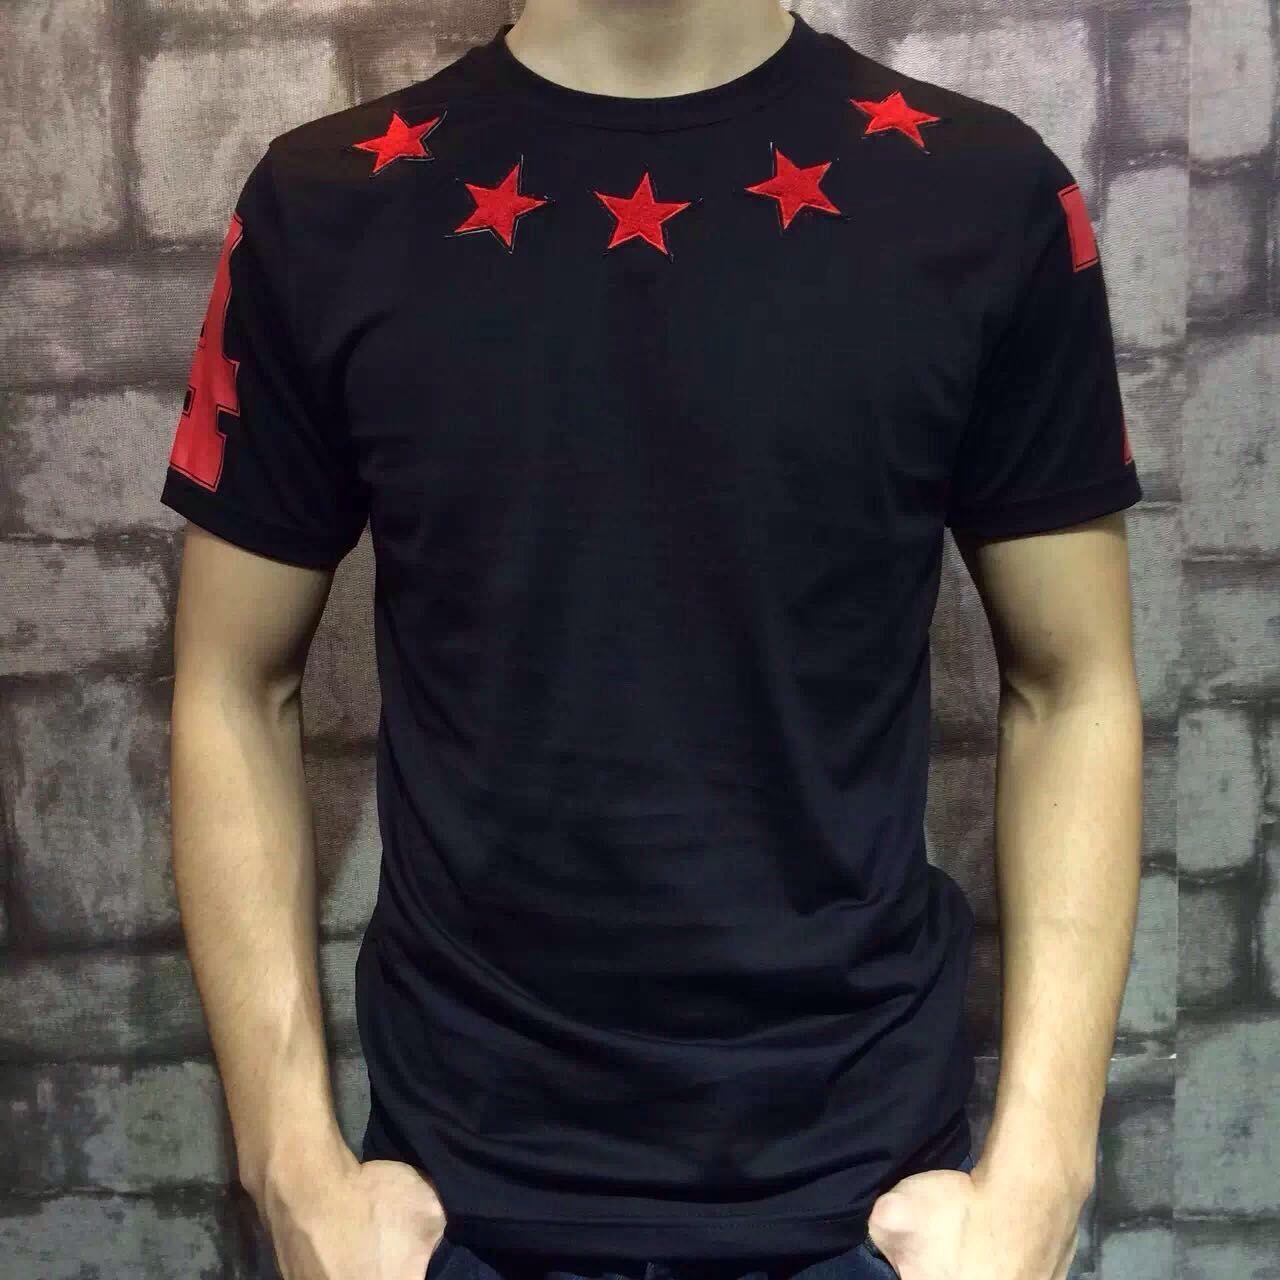 2016 новая мода лето футболка мужчины o-образным вырезом хлопок стекаются пентаграмма 47 цифровой с коротким рукавом мужская футболка мужская брендовая одежда